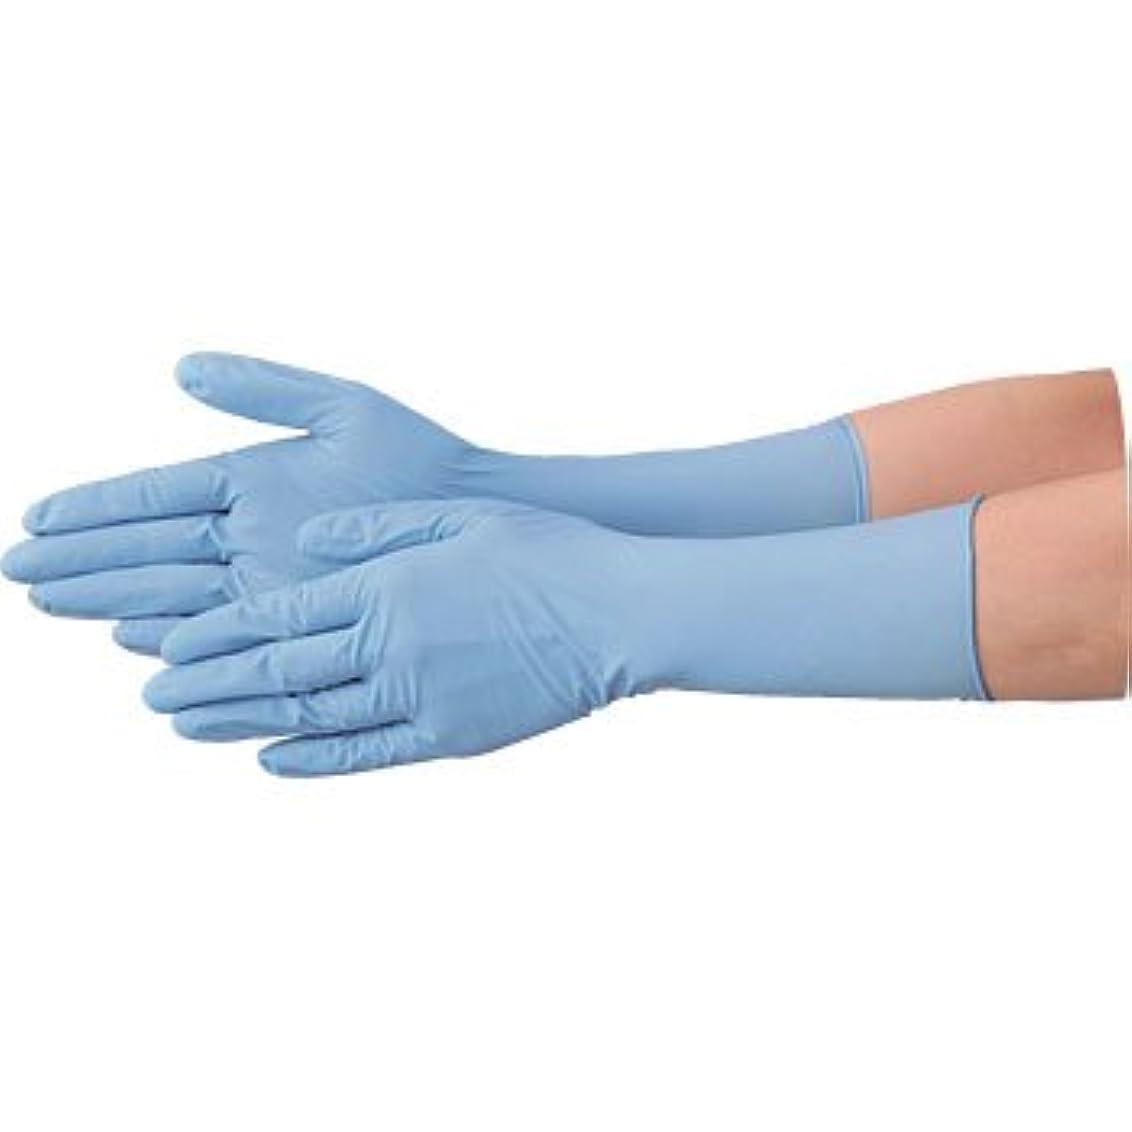 お願いします正午死すべき使い捨て 手袋 エブノ 528 ニトリル ロング手袋 パウダーフリー 全長29cm ブルー Sサイズ 2ケース(100枚×40箱)